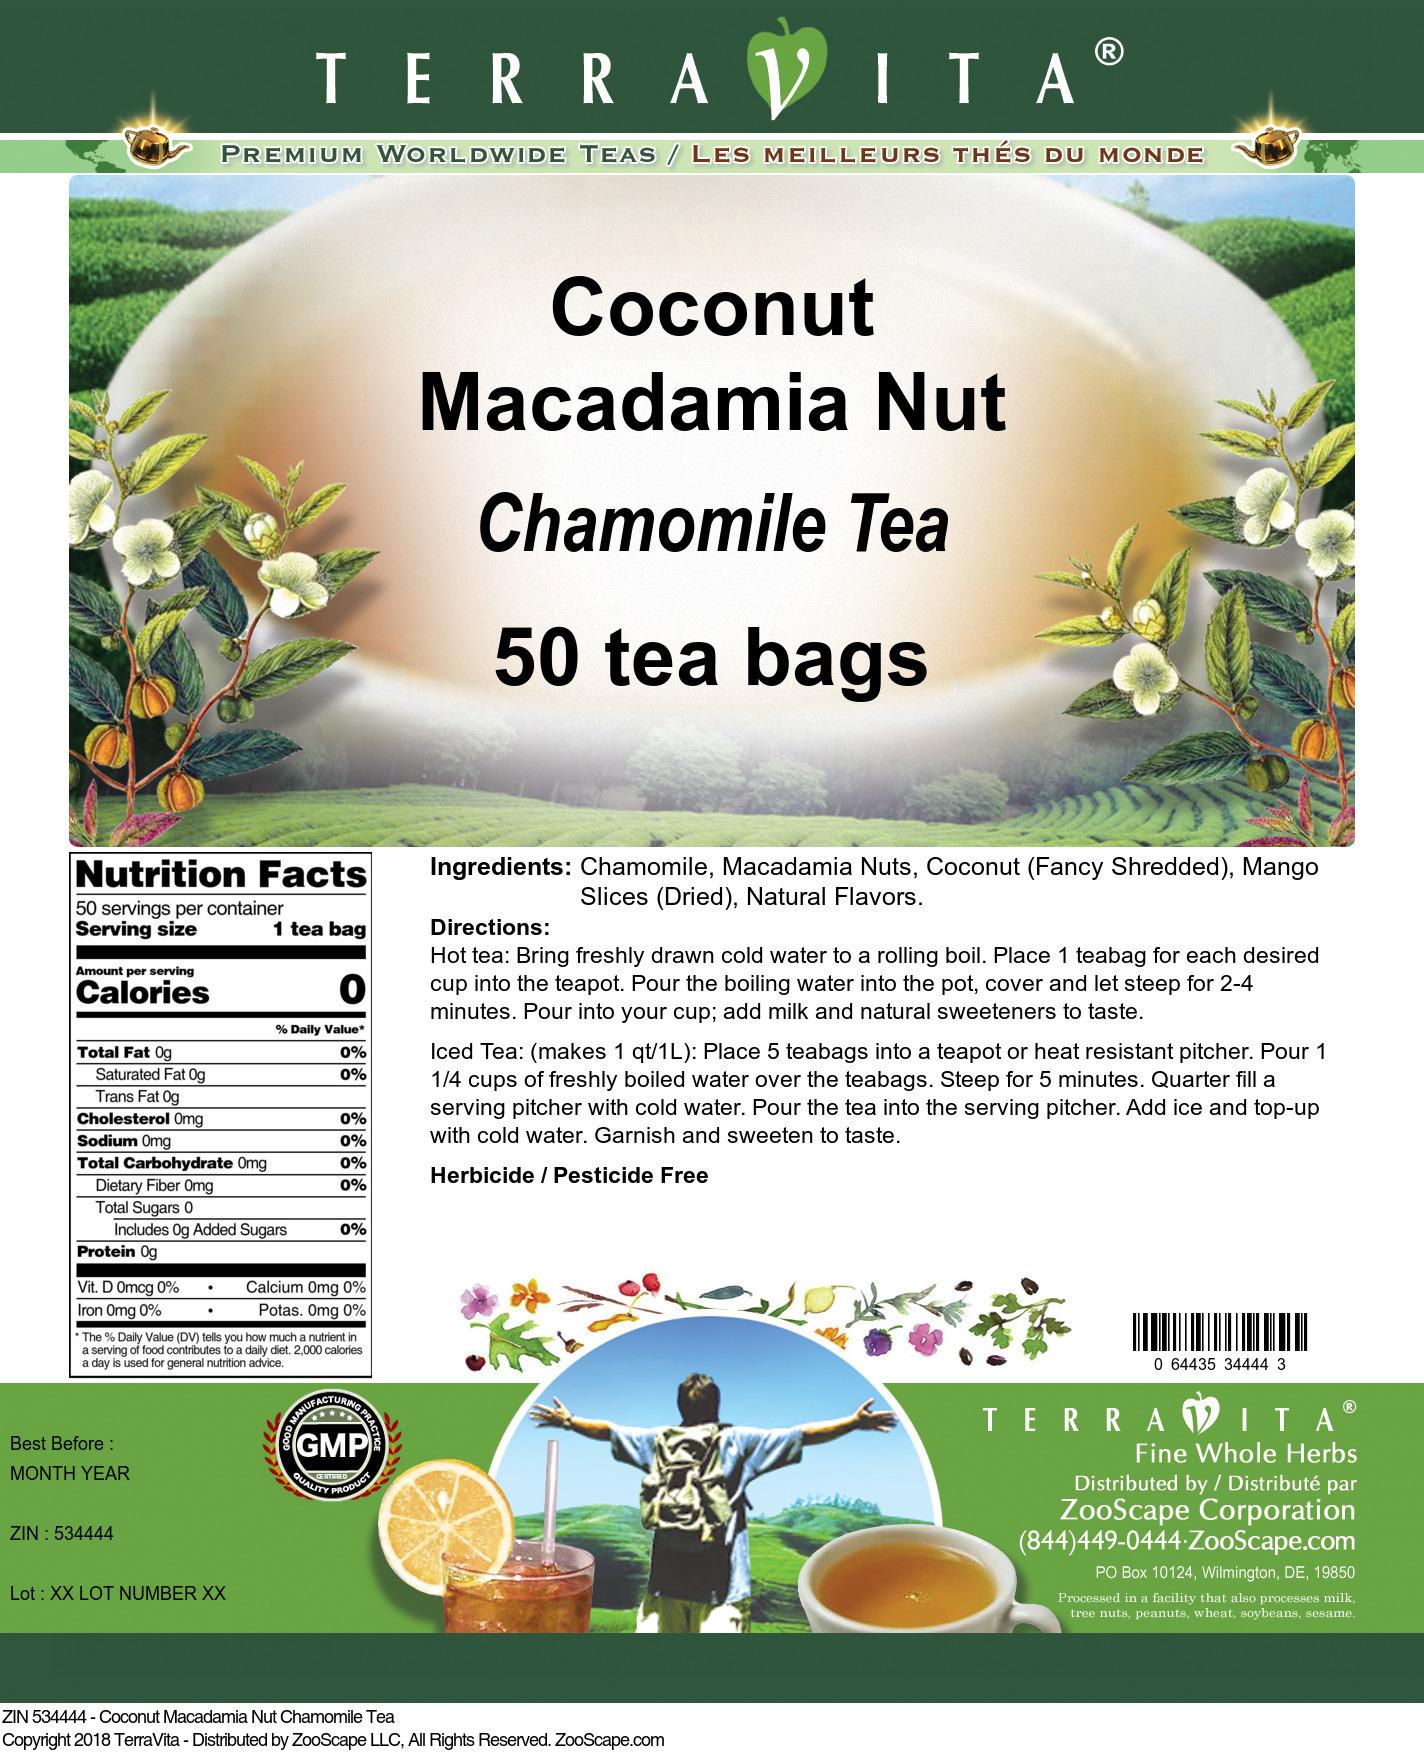 Coconut Macadamia Nut Chamomile Tea